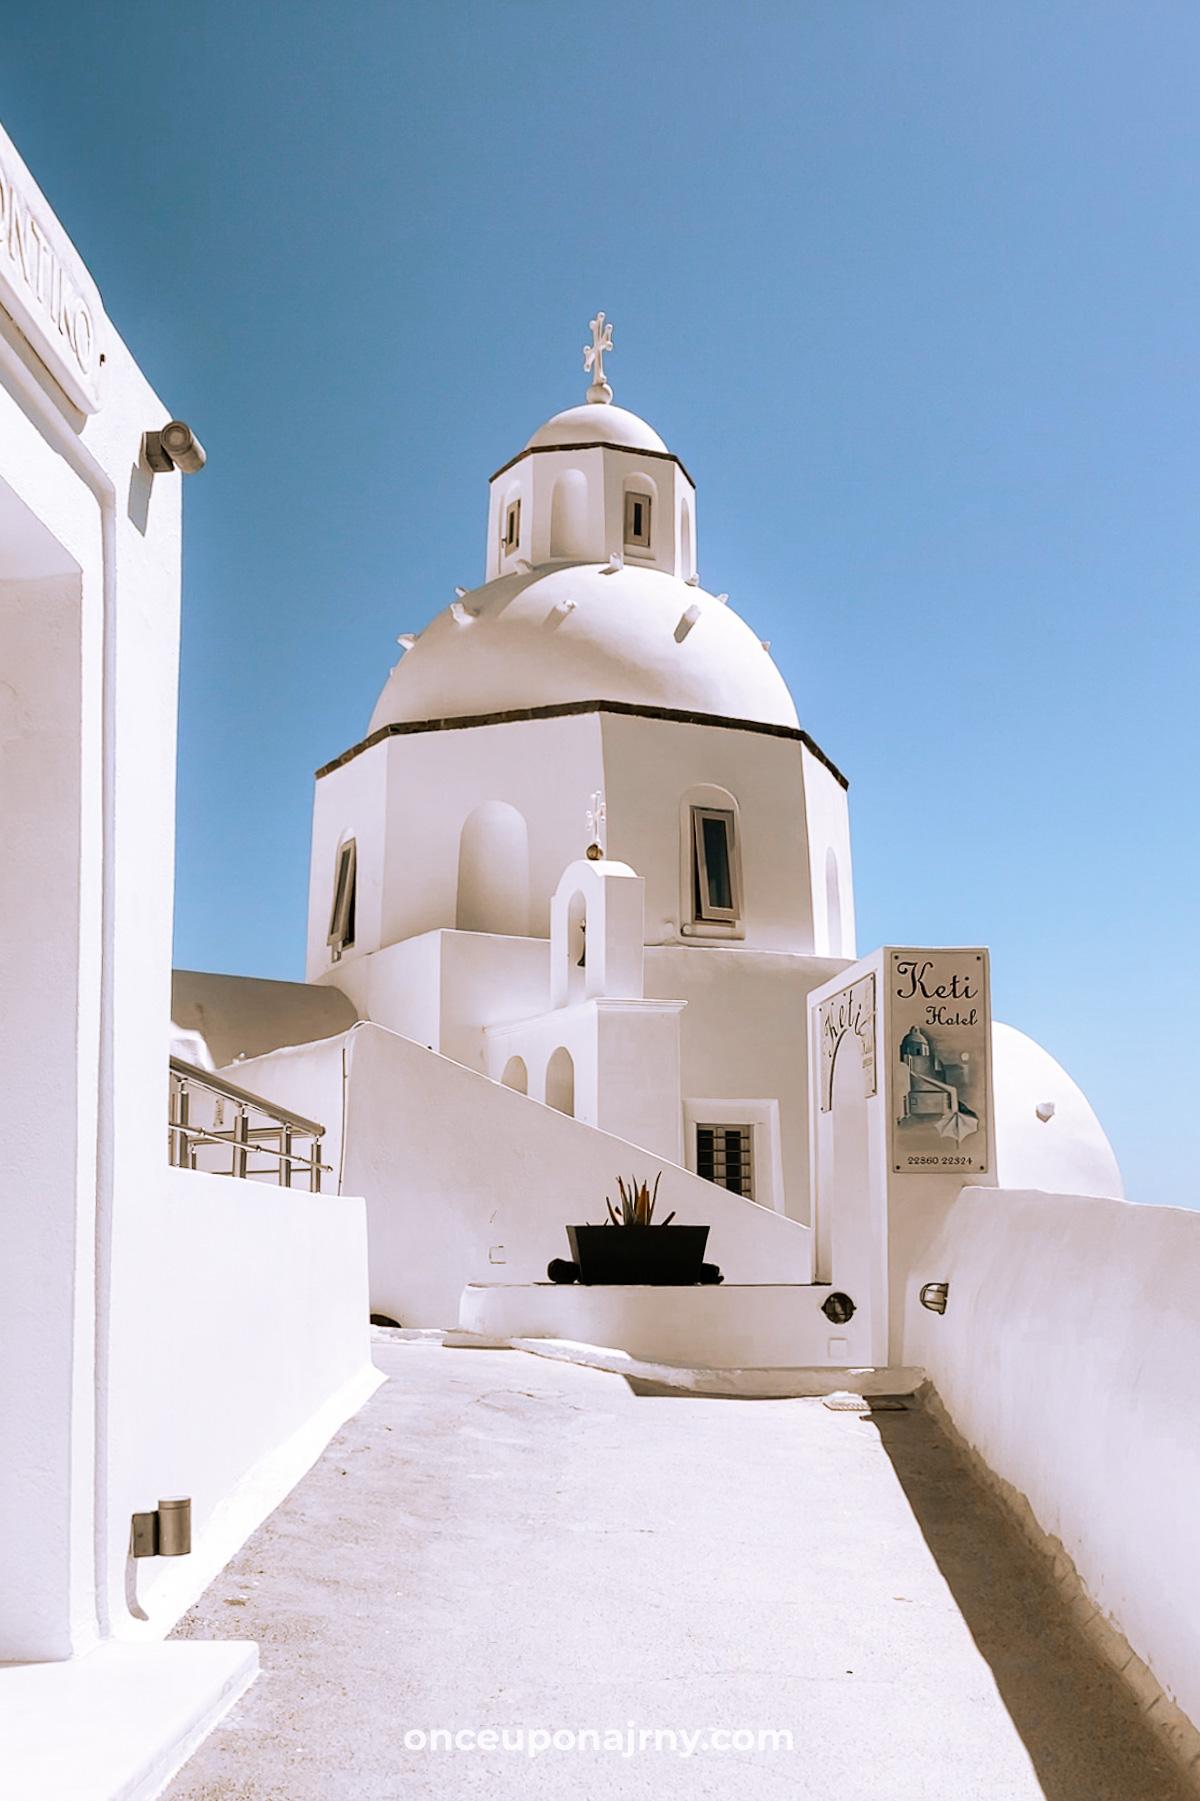 Saint Minas Holy Orthodox Church at Keti Hotel